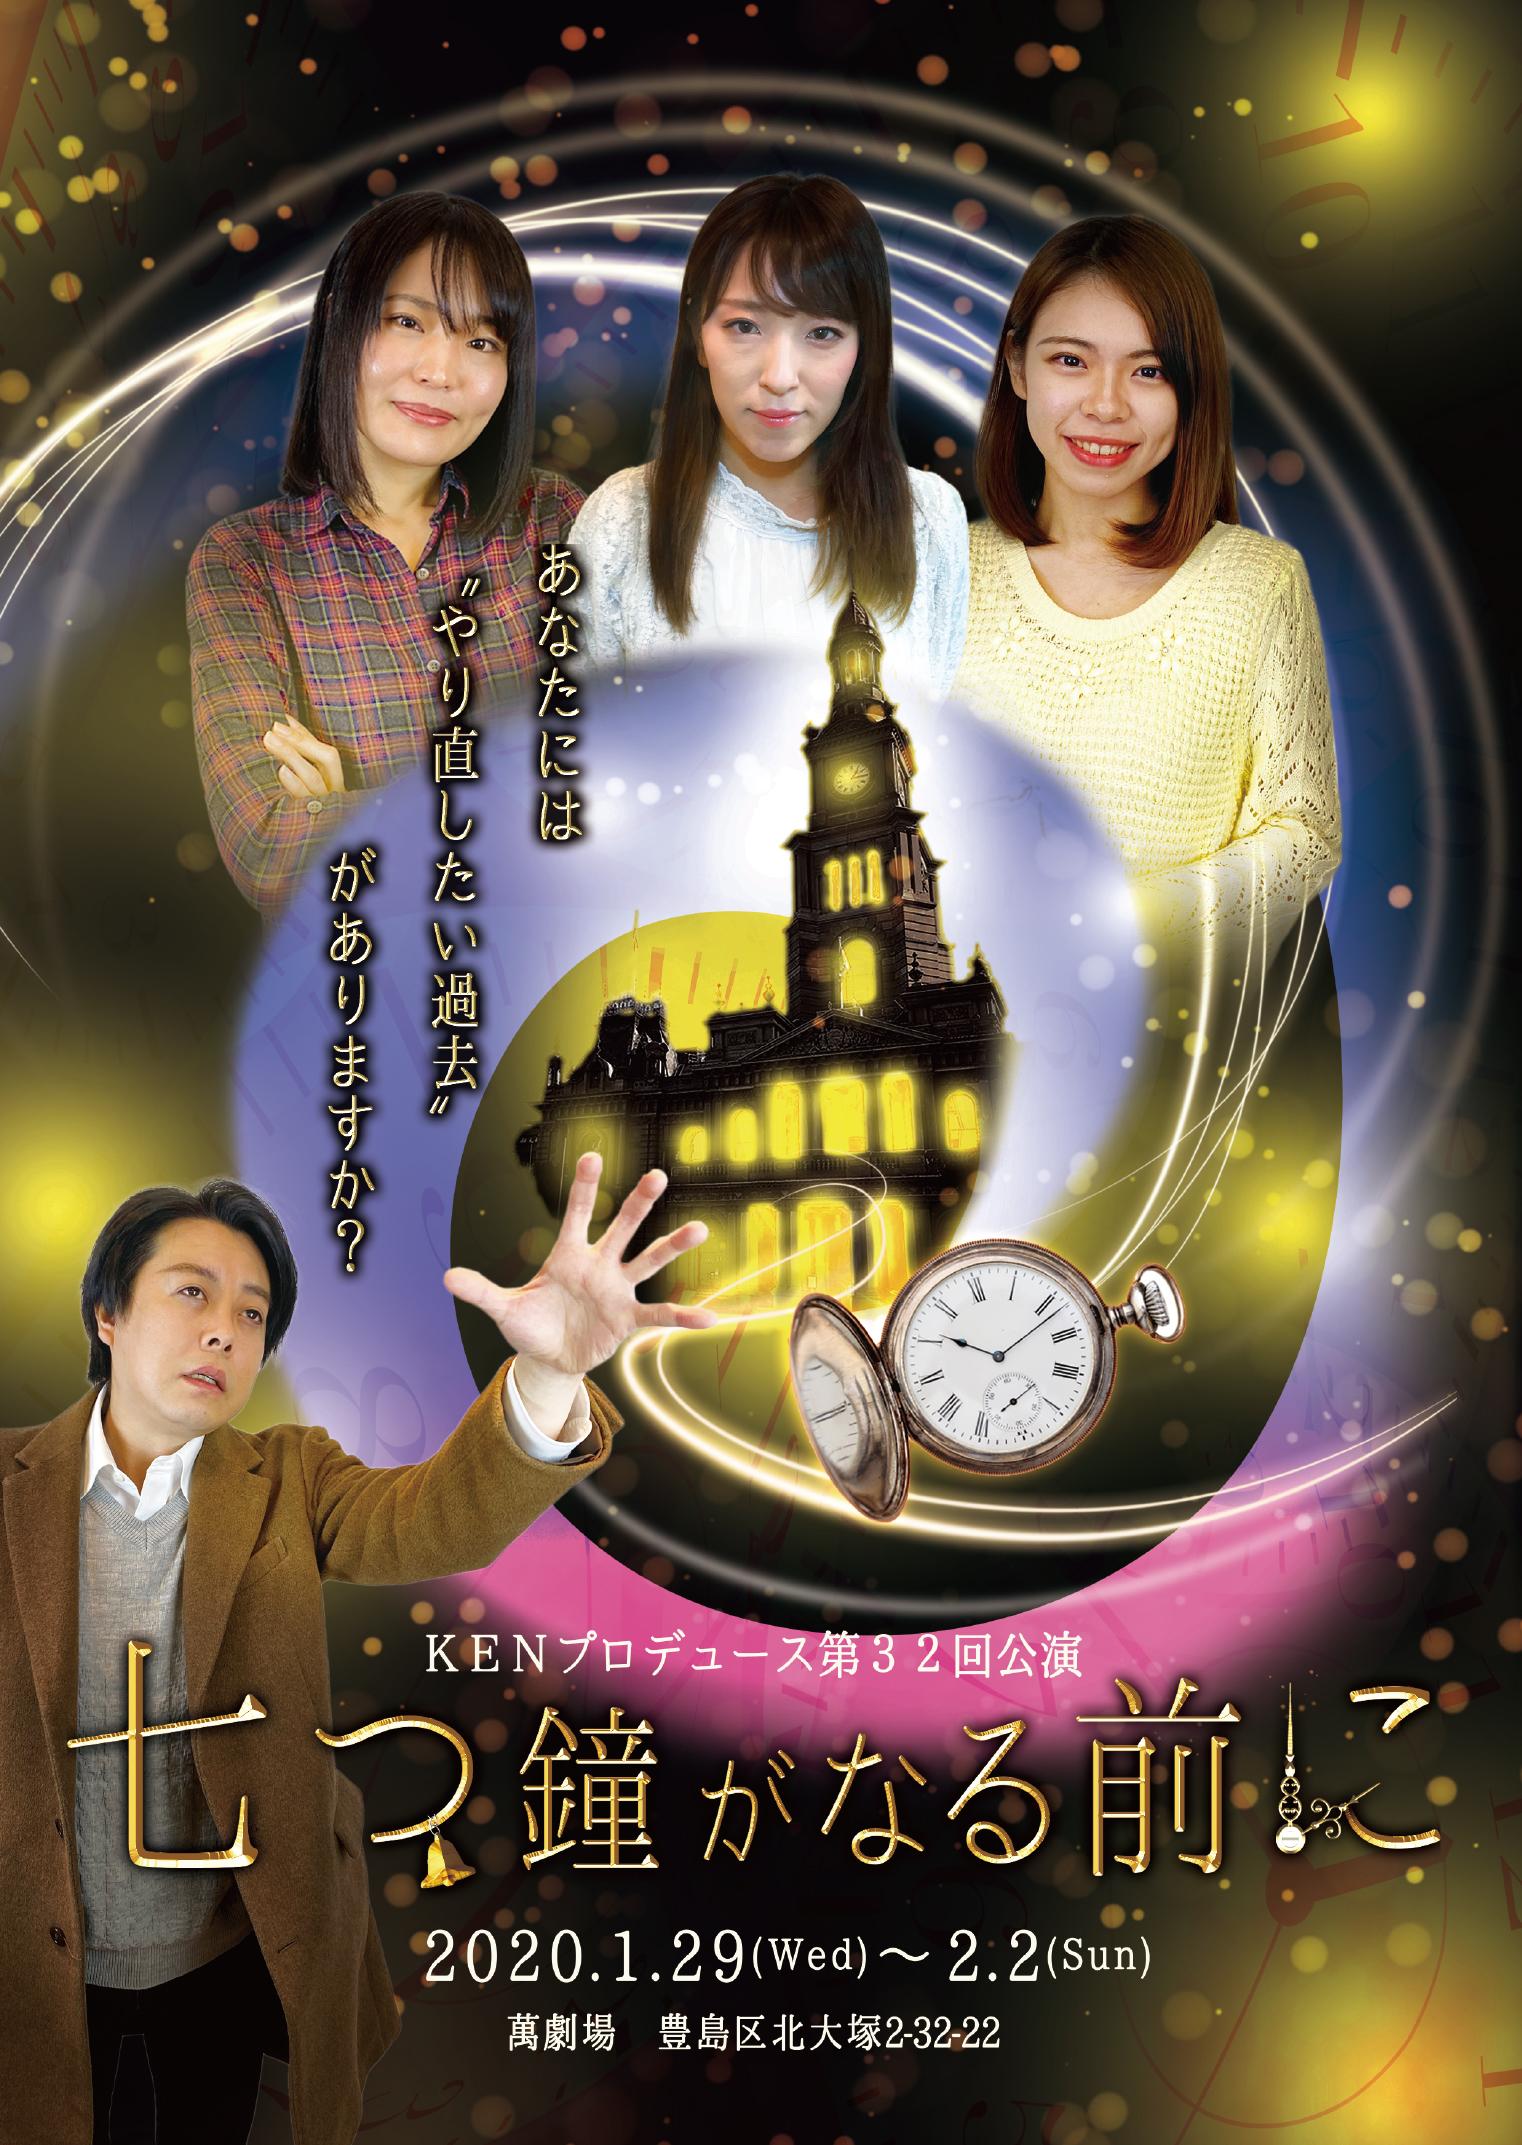 KENプロデュース第32回公演『七つ鐘が鳴る前に』 チームS Blu-ray